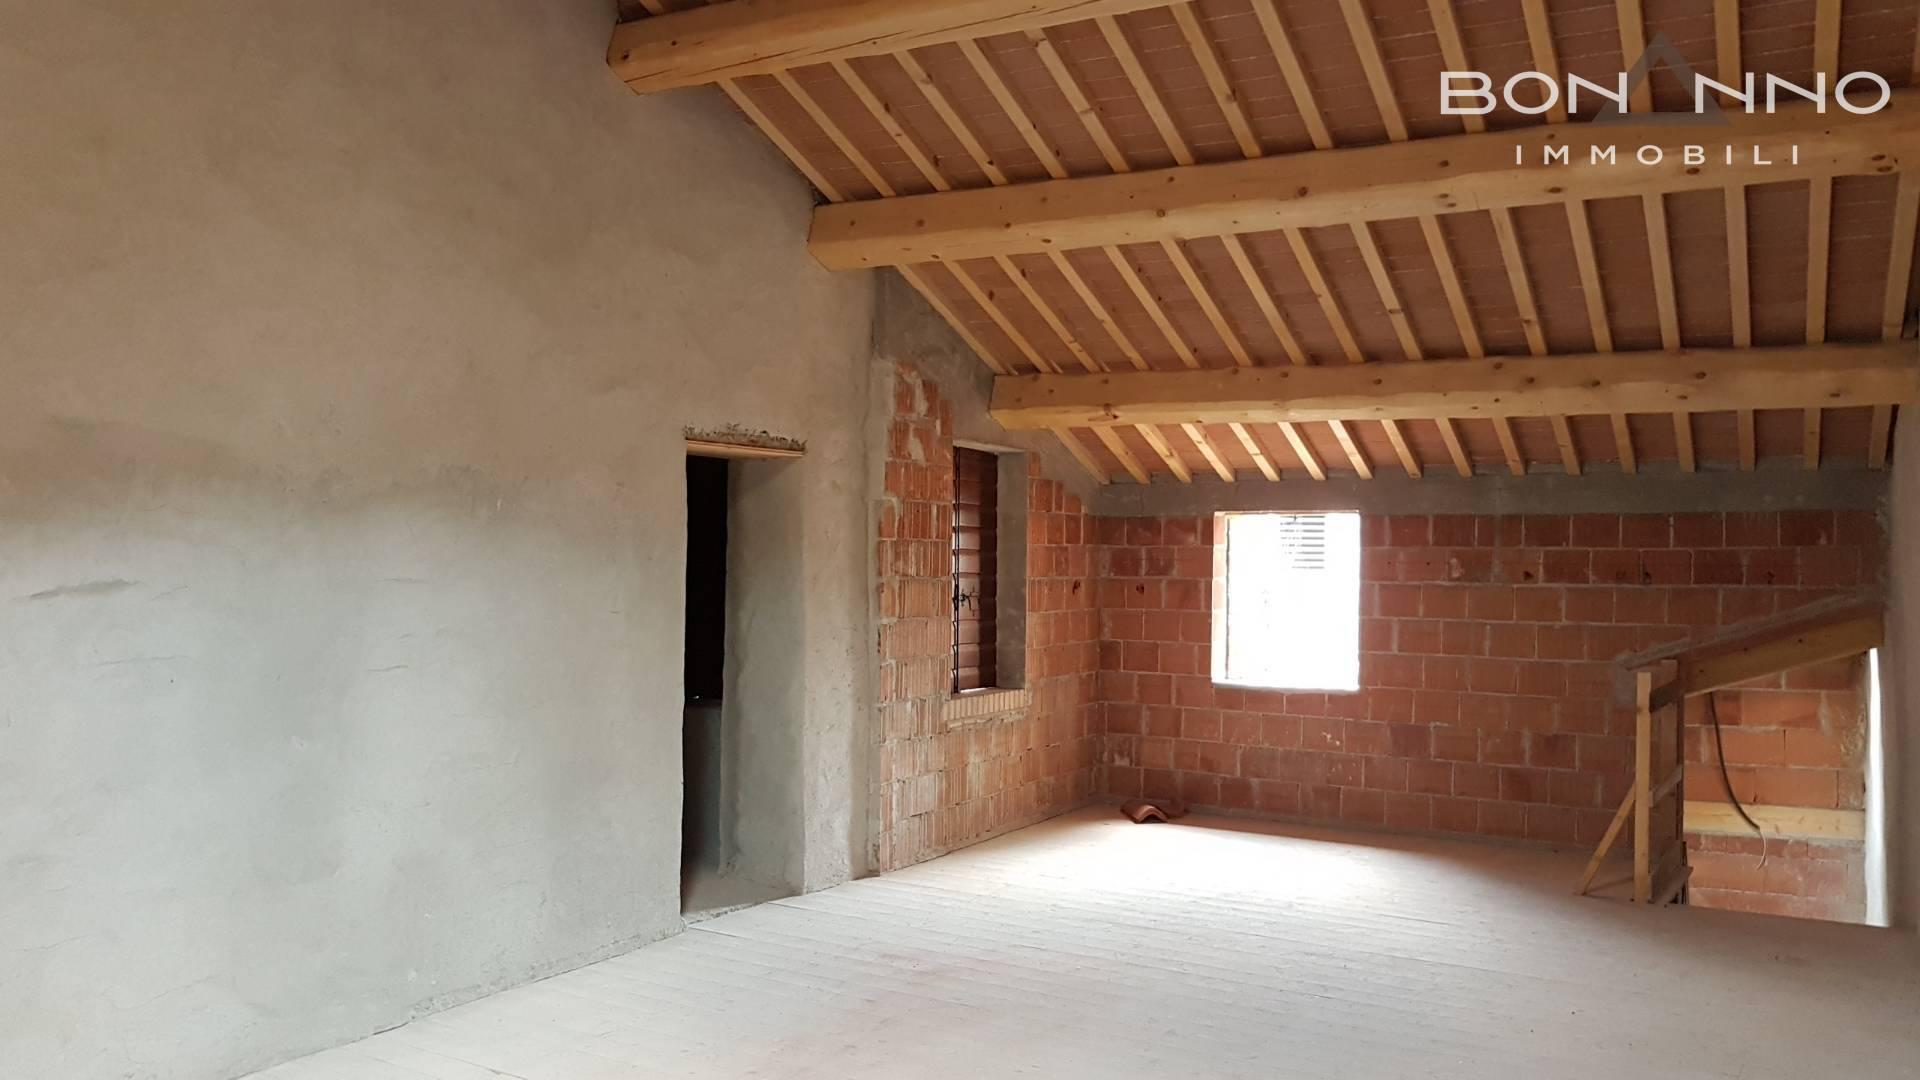 Attico / Mansarda in vendita a Bassano del Grappa, 6 locali, prezzo € 360.000   PortaleAgenzieImmobiliari.it